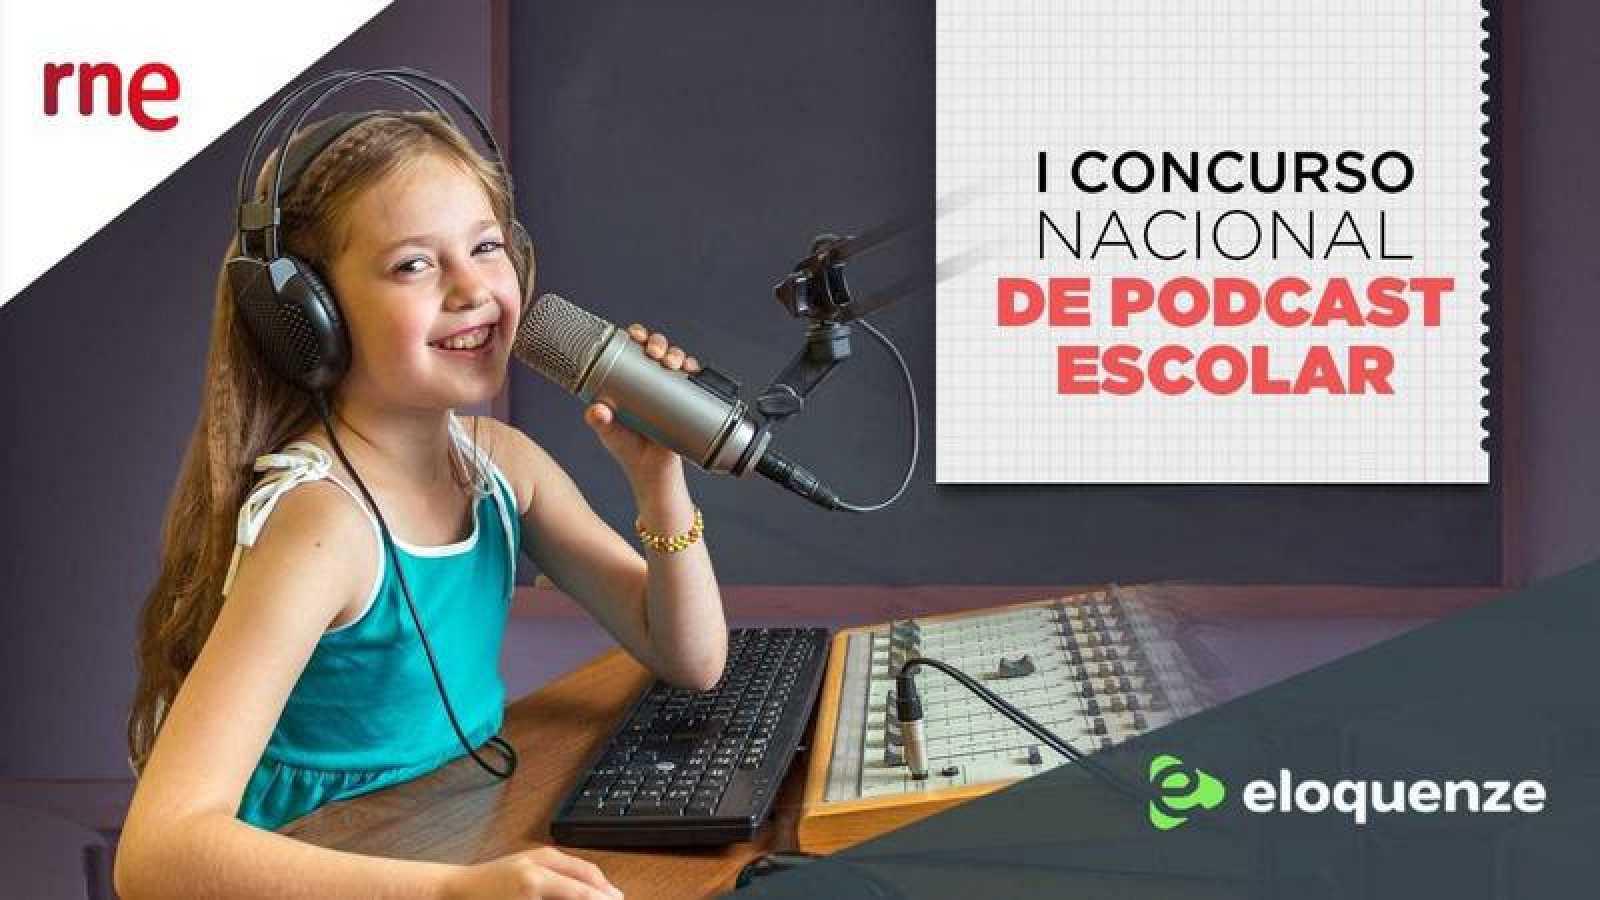 I Concurso Nacional de Podcast Escolar de RNE.